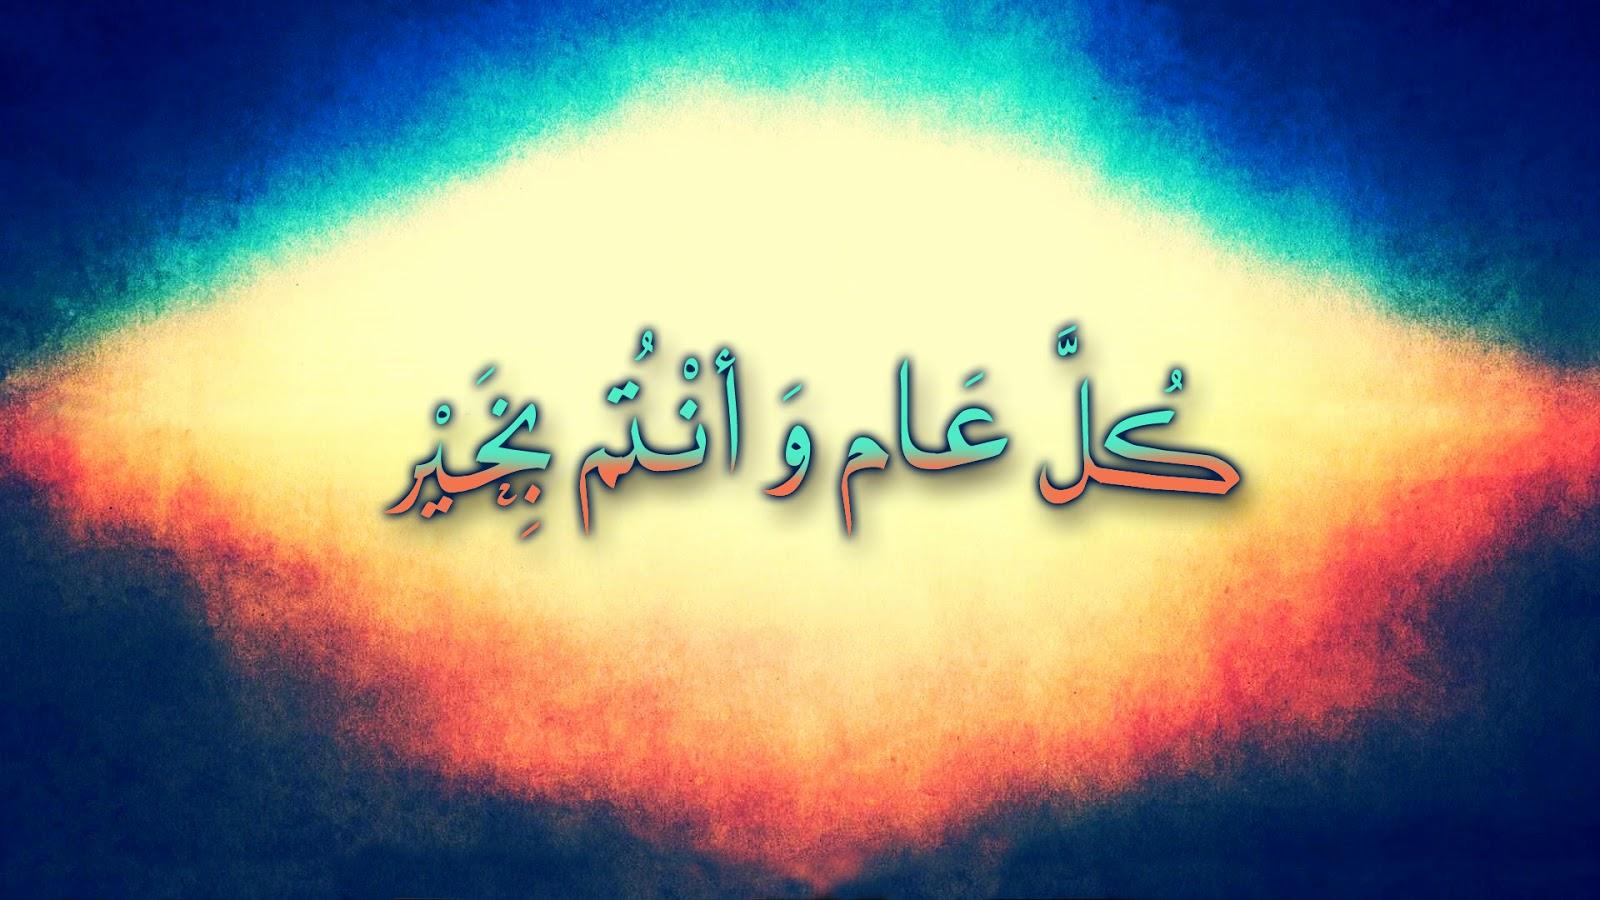 Islamic HD Wallpapers Download 1080p Islamic Book 1600x900